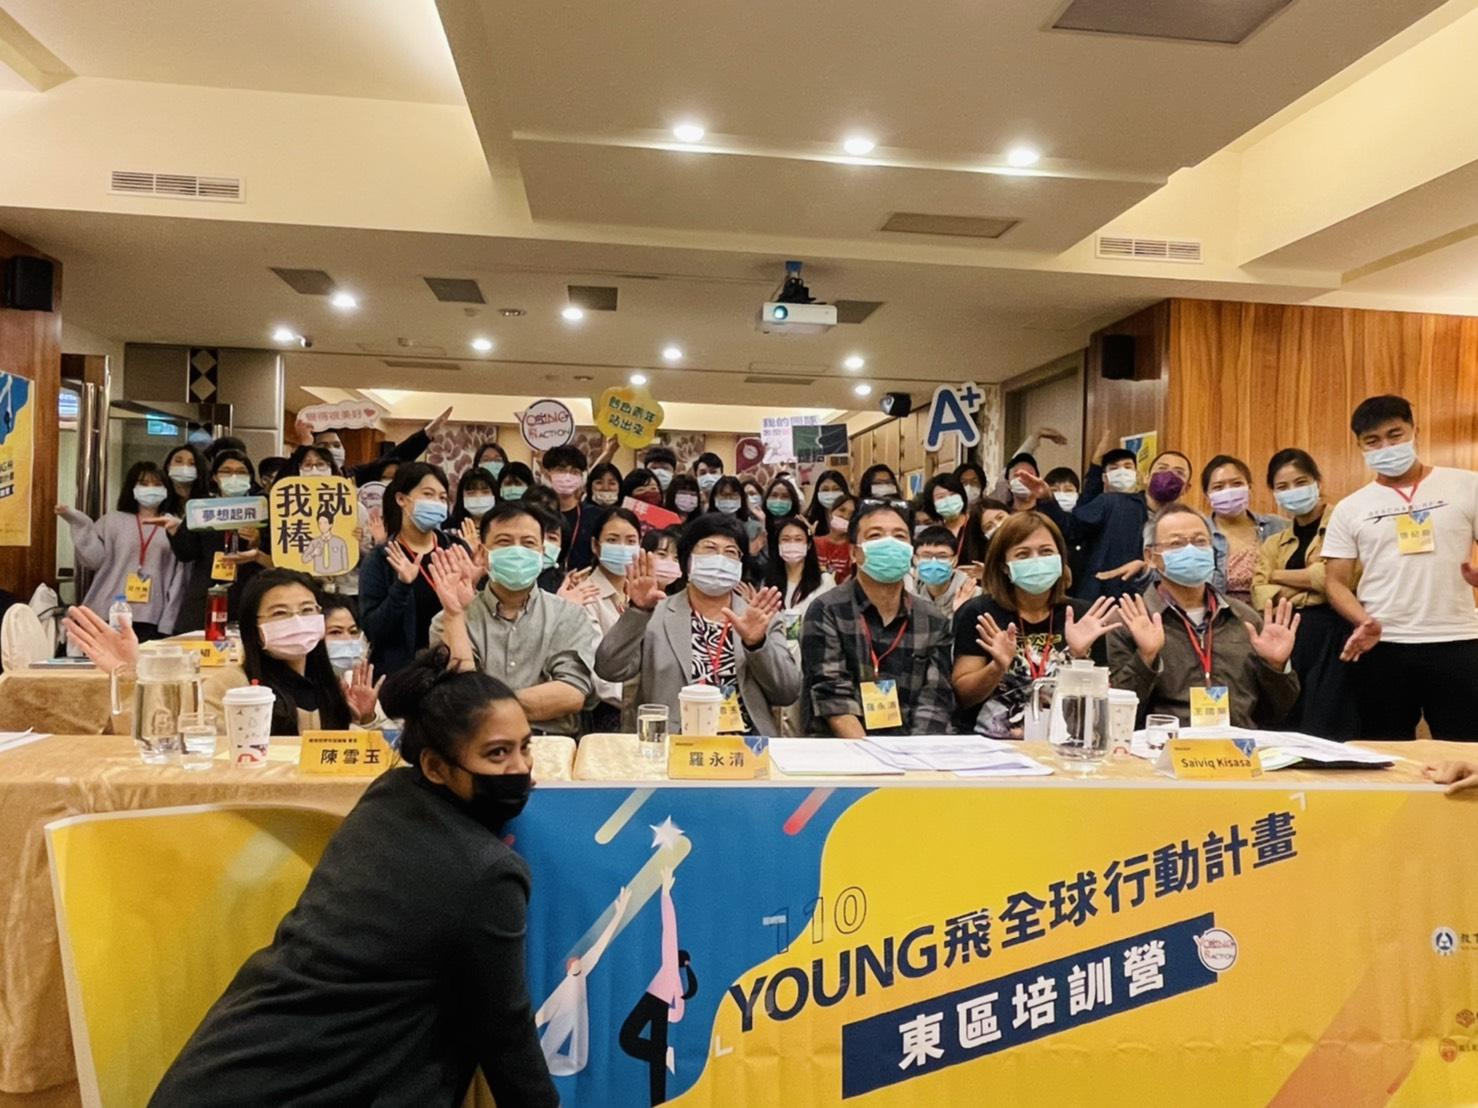 圖1:YOUNG飛全球行動計畫東區培訓營於4月17日在花蓮舉行。圖/黃婕攝